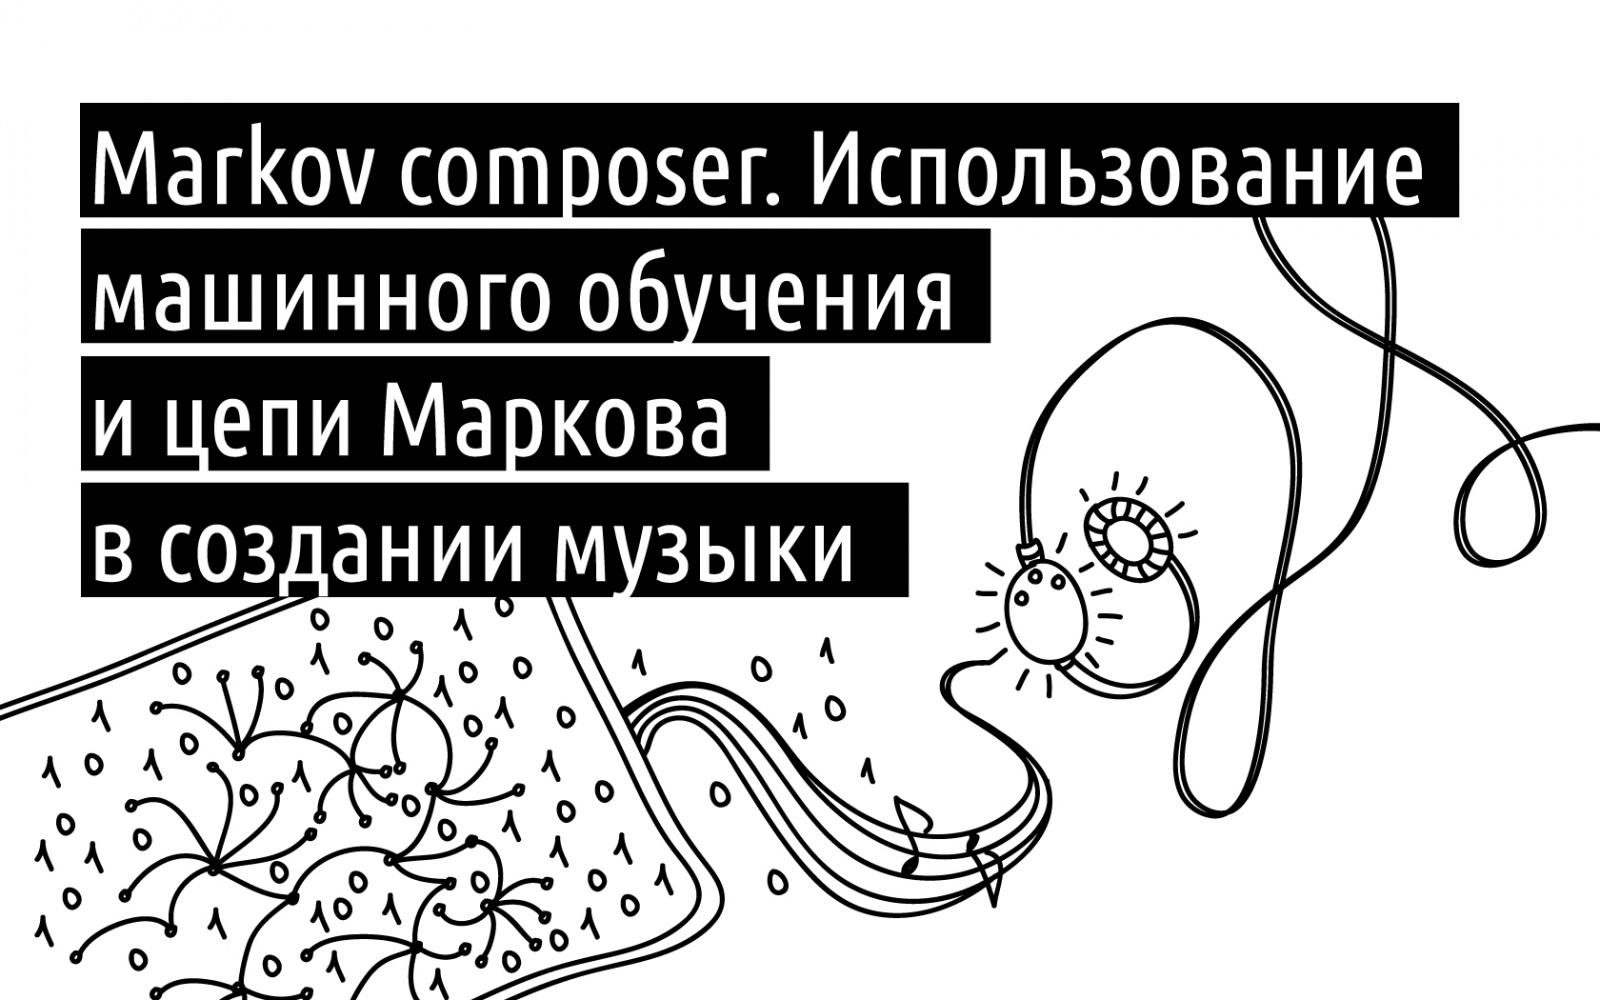 Использование машинного обучения и цепи Маркова в создании музыки - 1